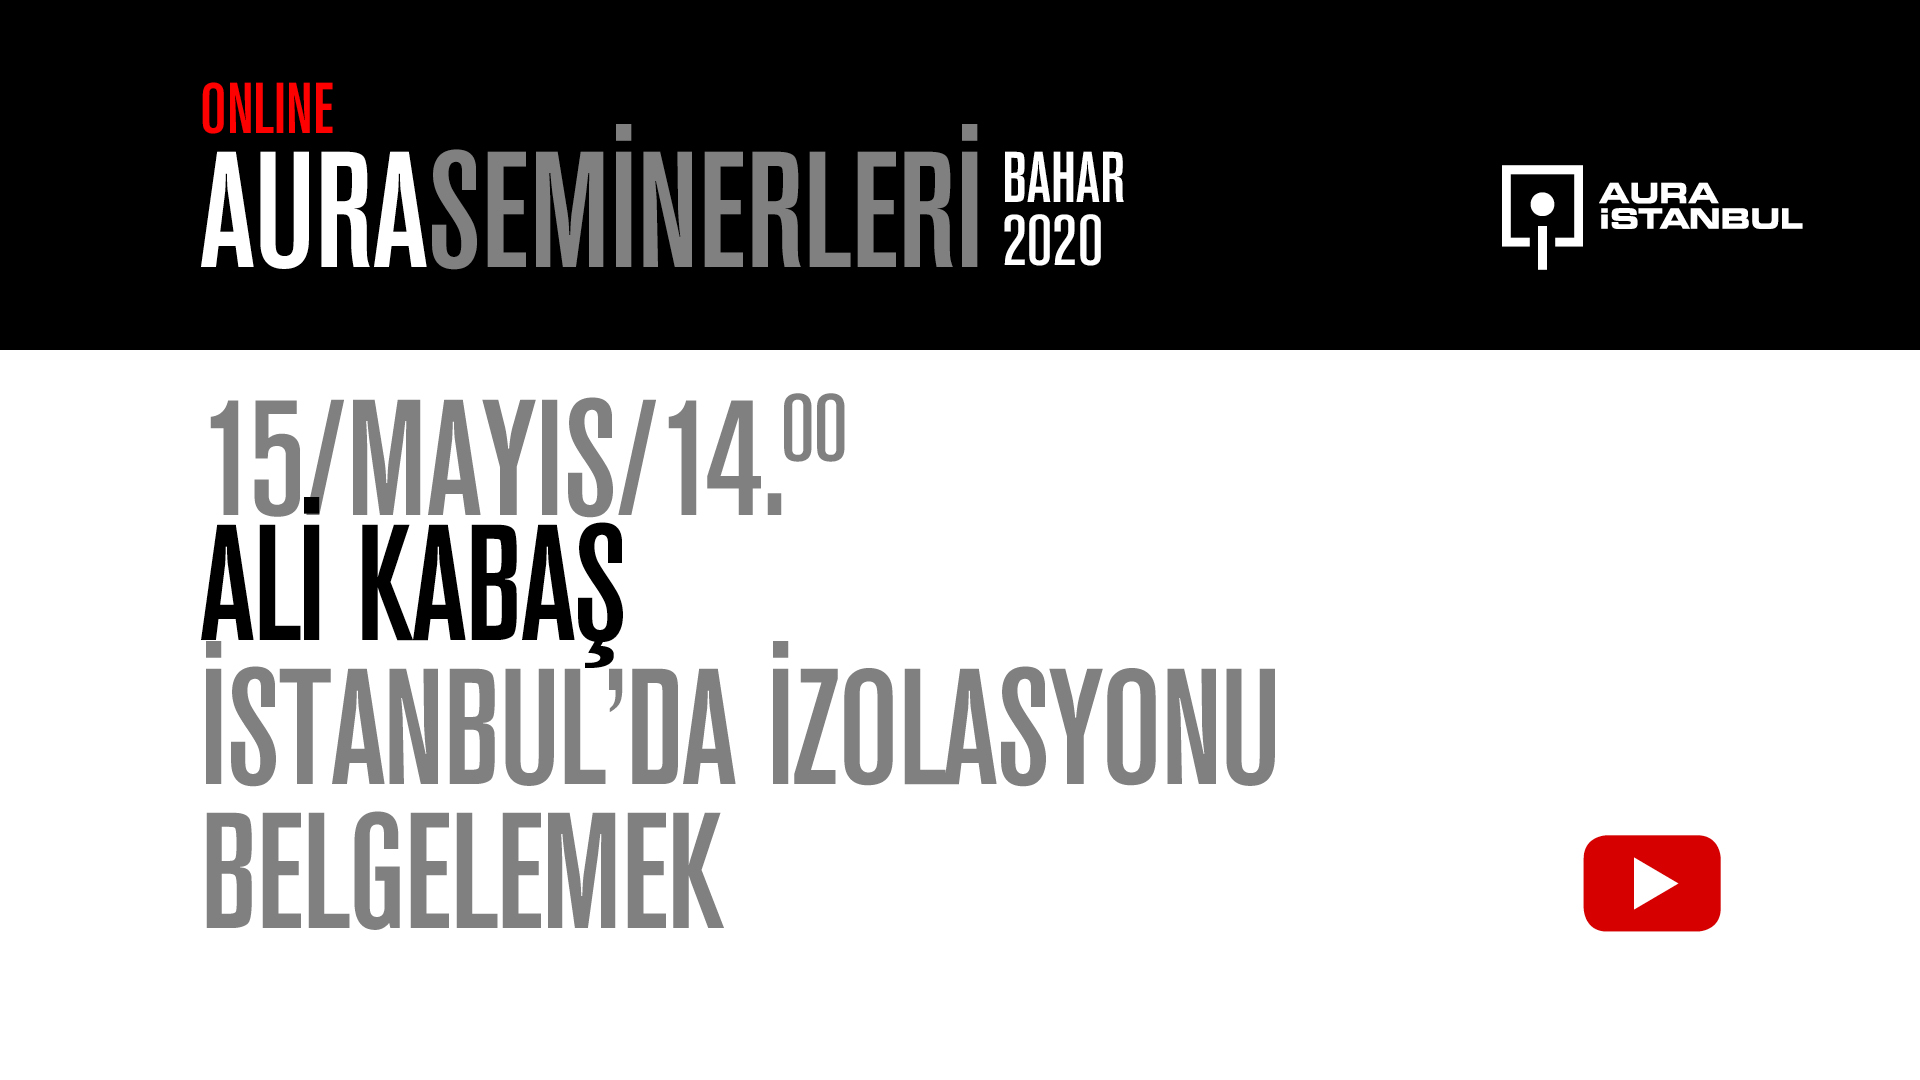 """AURA Seminerleri: Ali Kabaş """"İstanbul'da İzolasyonu Belgelemek"""""""